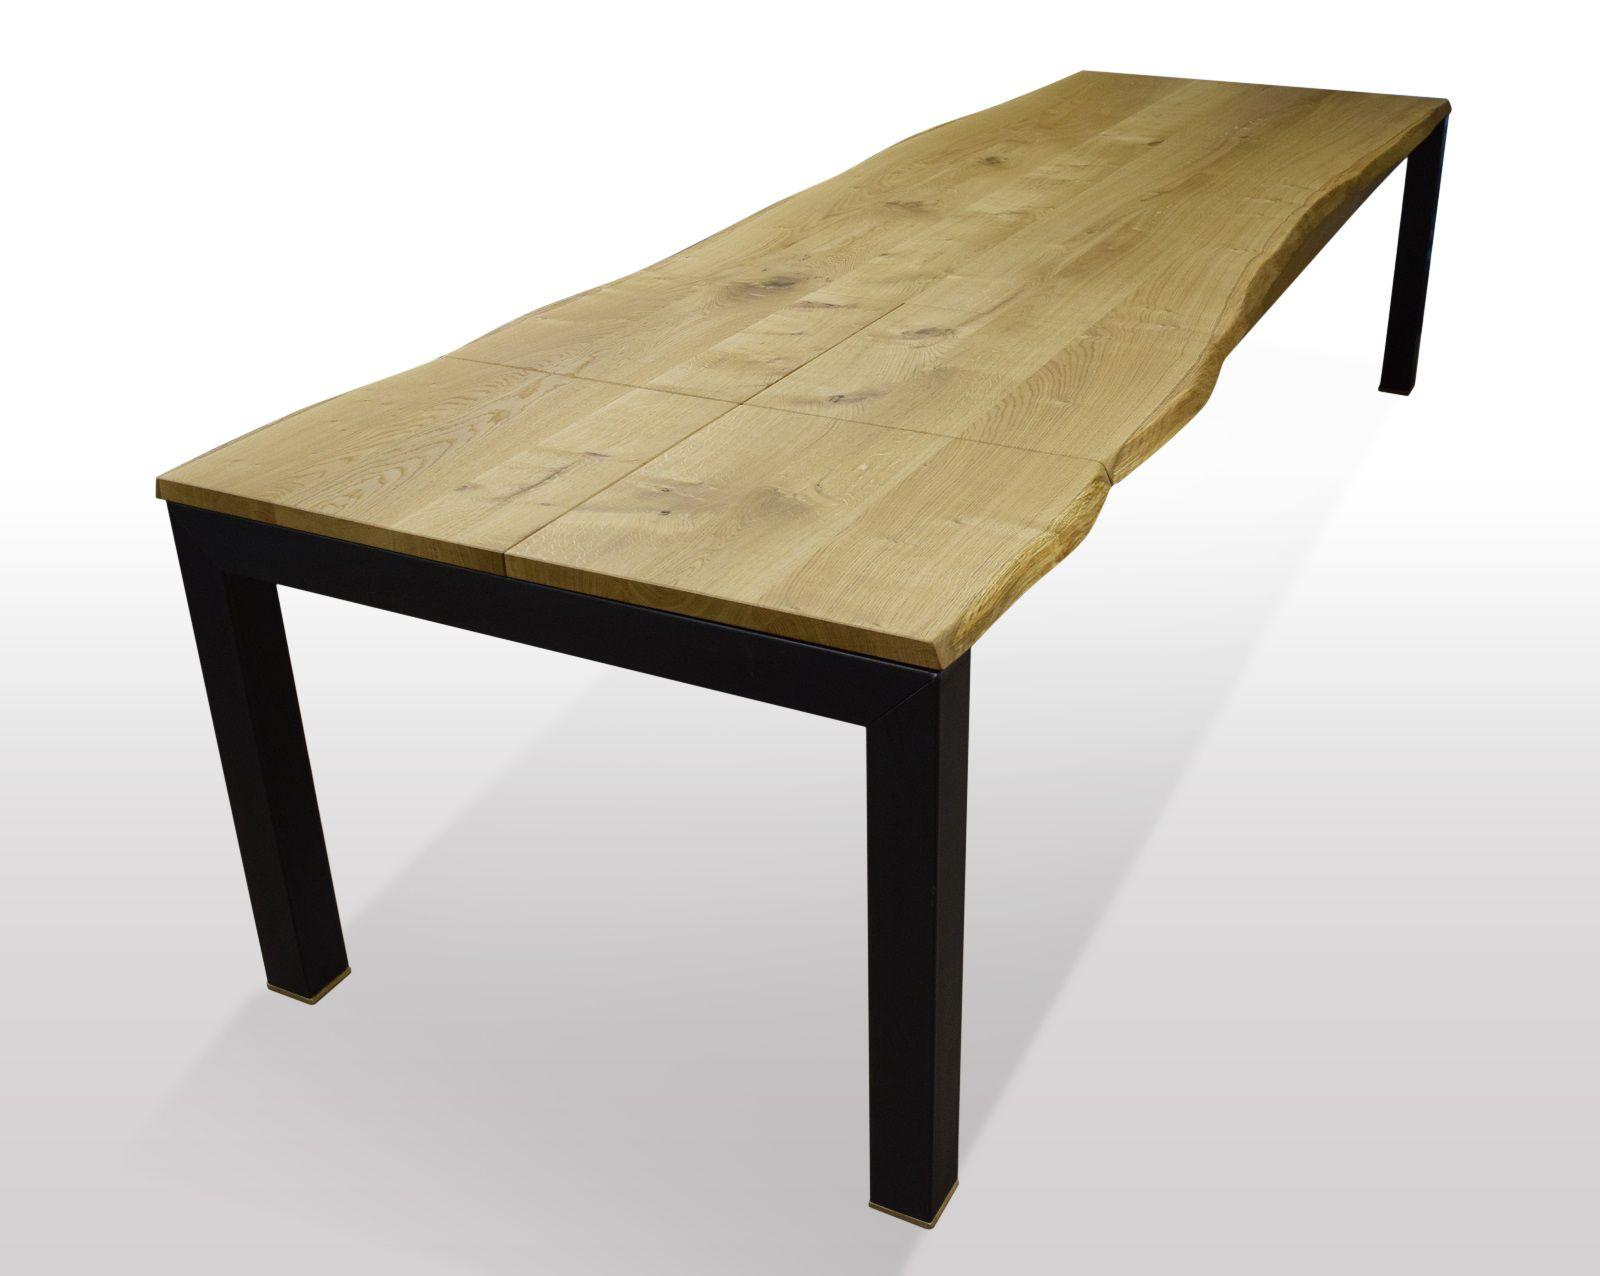 Pin Von Tischmoebel De Auf Baumtisch Wildeiche Ausziehbar Baumtisch Eiche